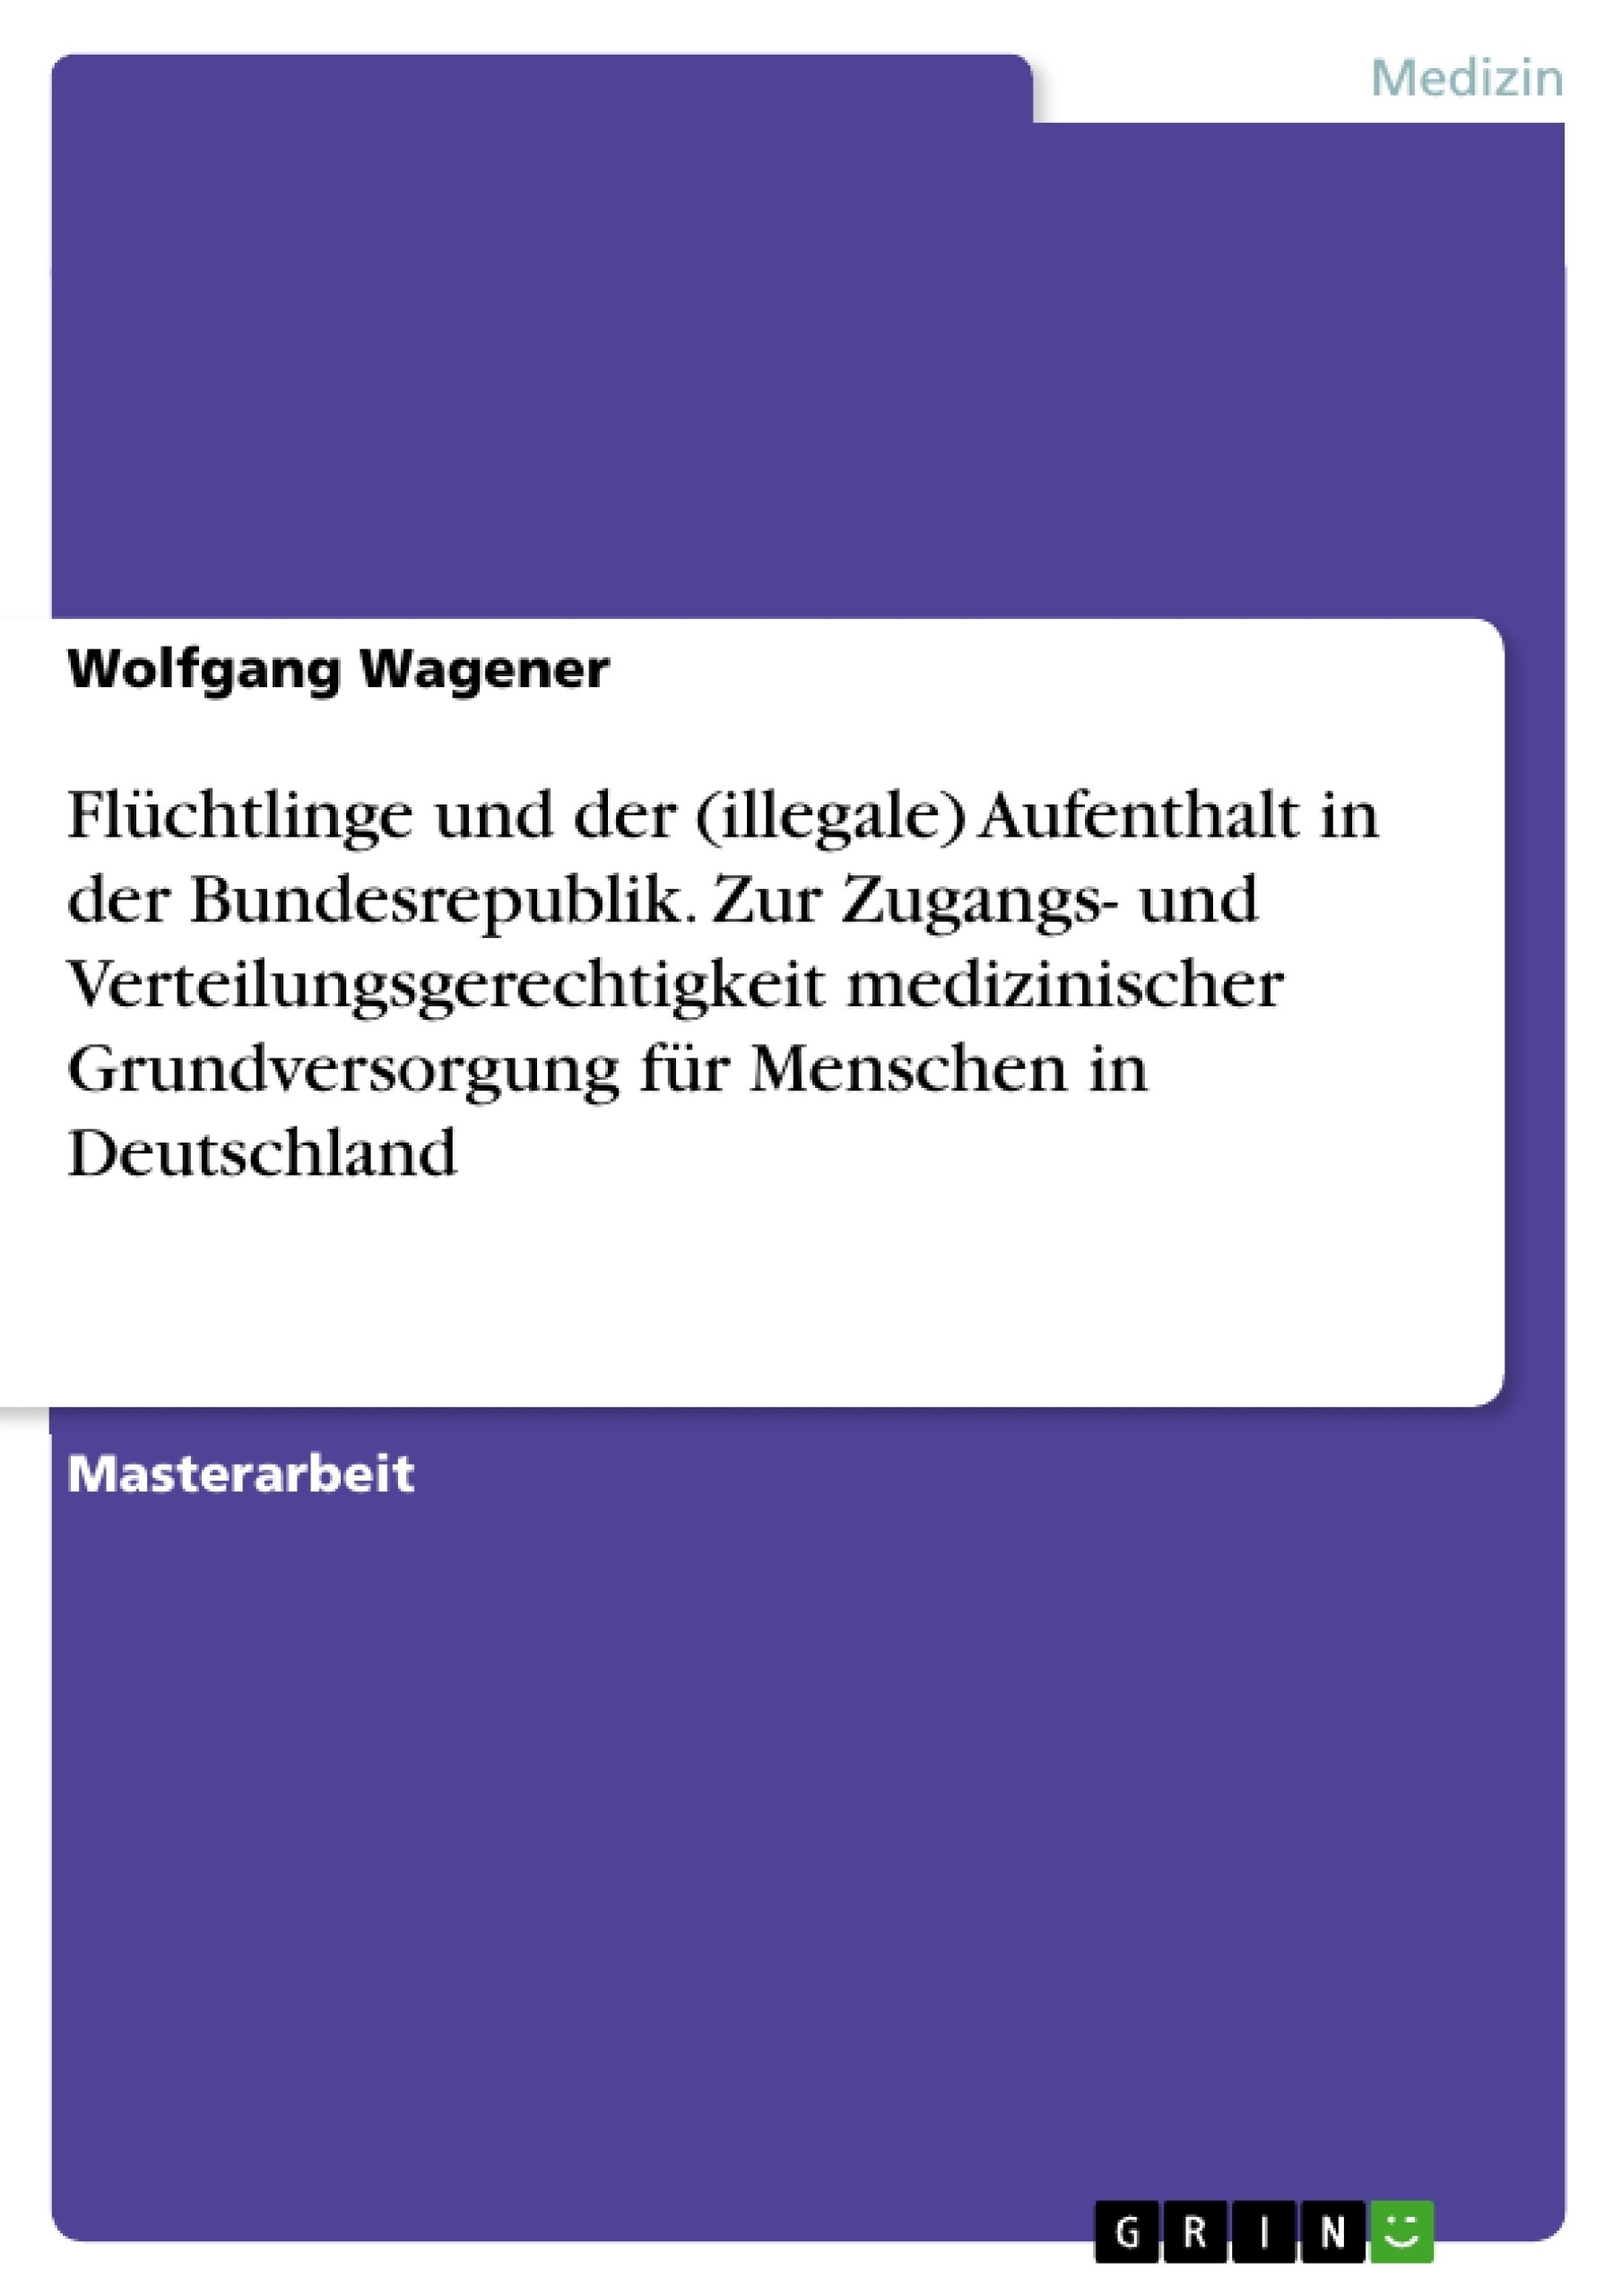 Titel: Flüchtlinge und der (illegale) Aufenthalt in der Bundesrepublik. Zur Zugangs- und Verteilungsgerechtigkeit medizinischer Grundversorgung für Menschen in Deutschland